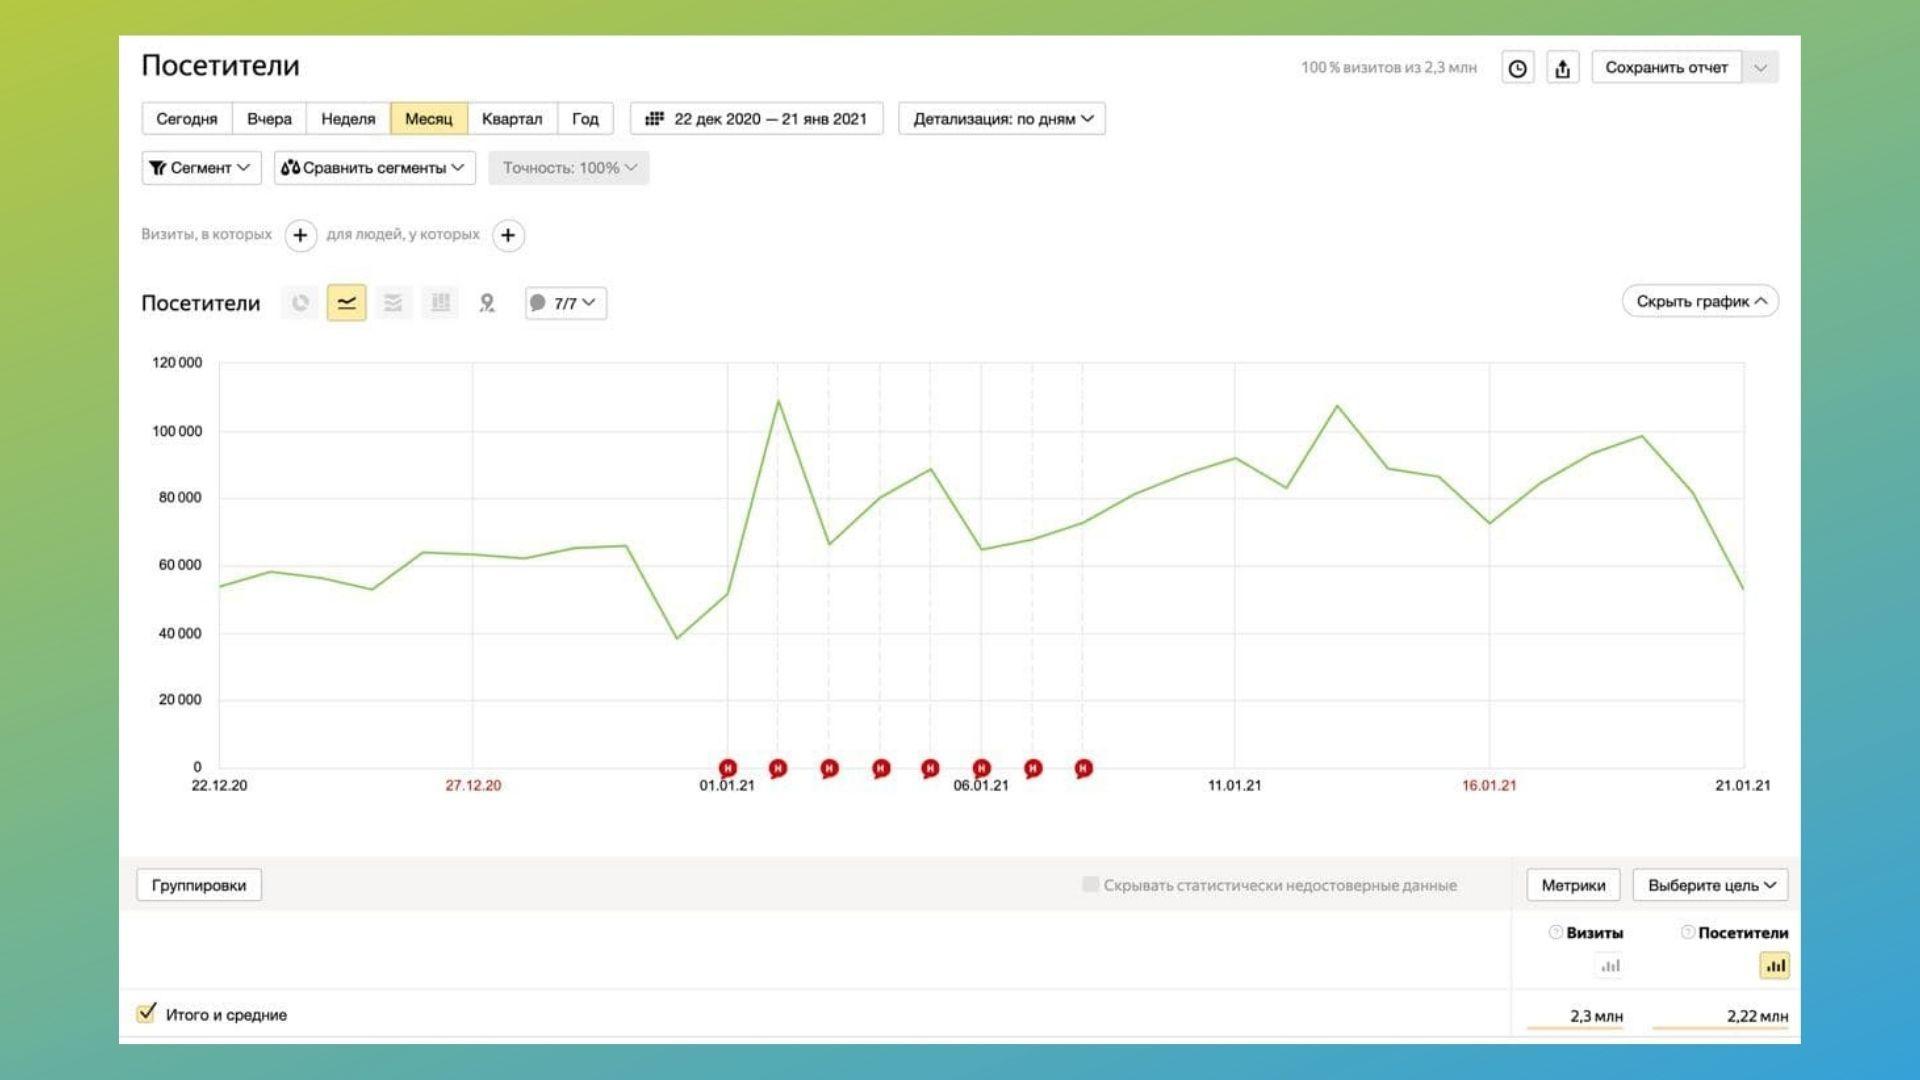 Сейчас блог Василия читает более 2 млн человек в месяц